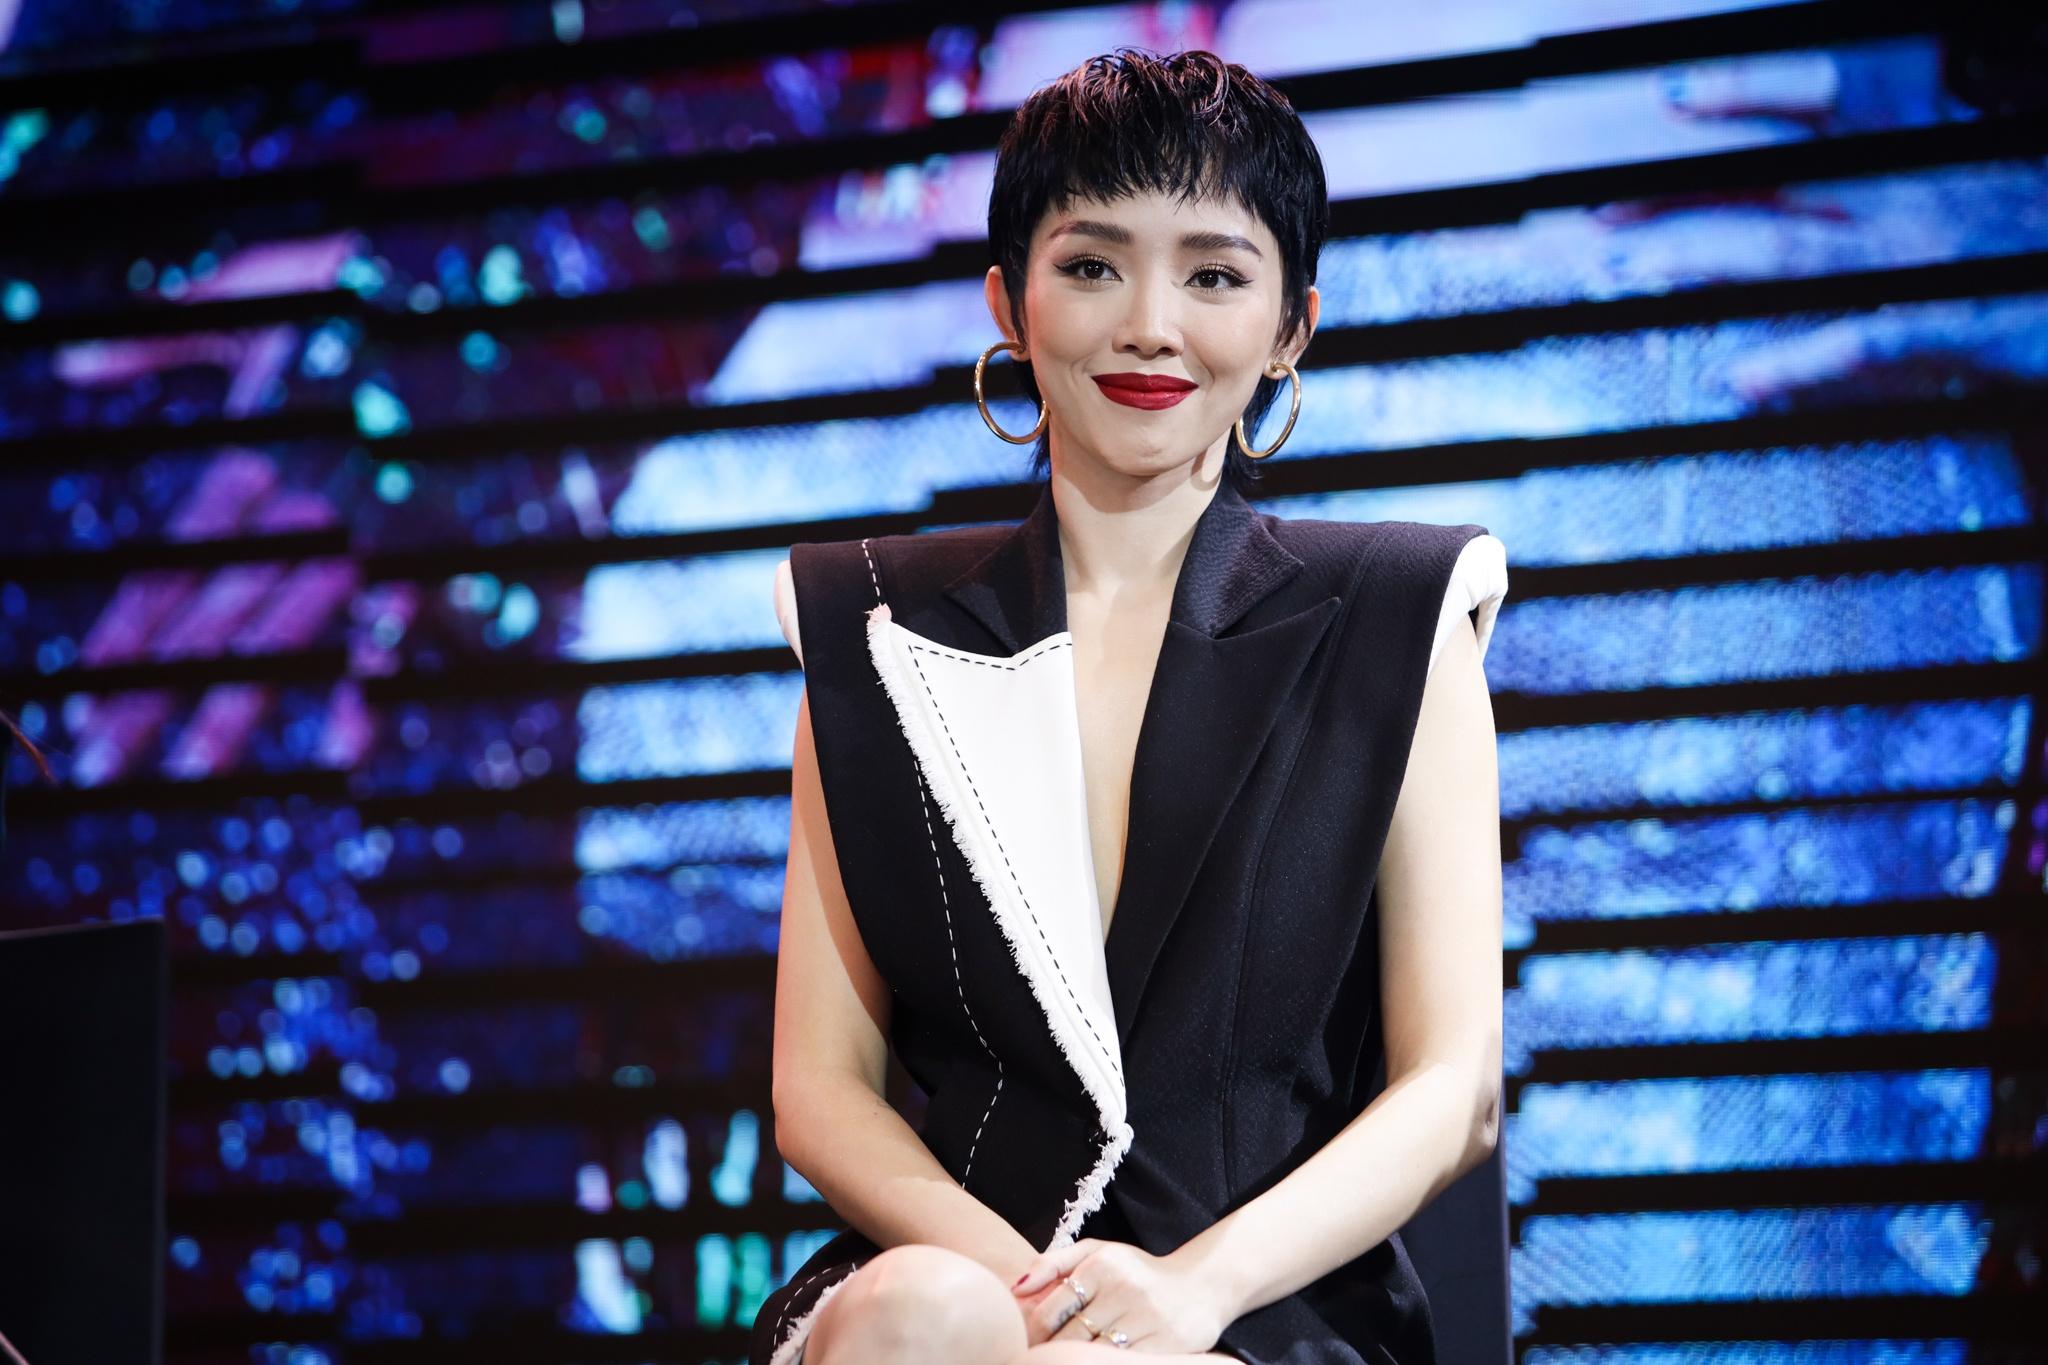 Tóc Tiên góp mặt trong phim hành động của Ngô Thanh Vân. Ảnh: Phương Lâm.